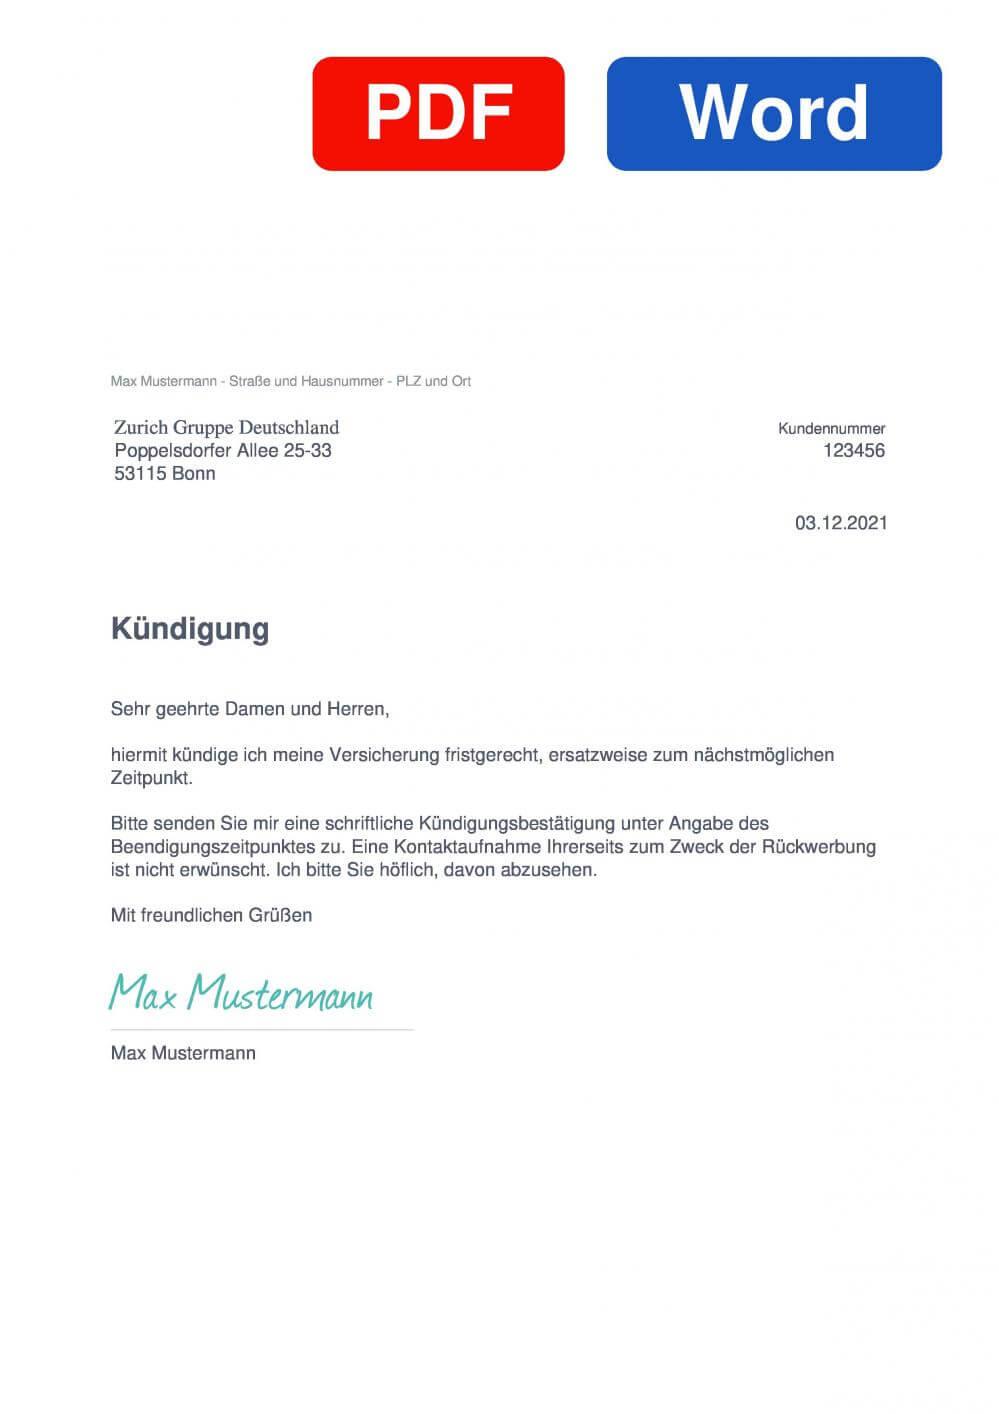 Zurich Deutscher Herold Berufsunfähigkeitsversicherung Muster Vorlage für Kündigungsschreiben